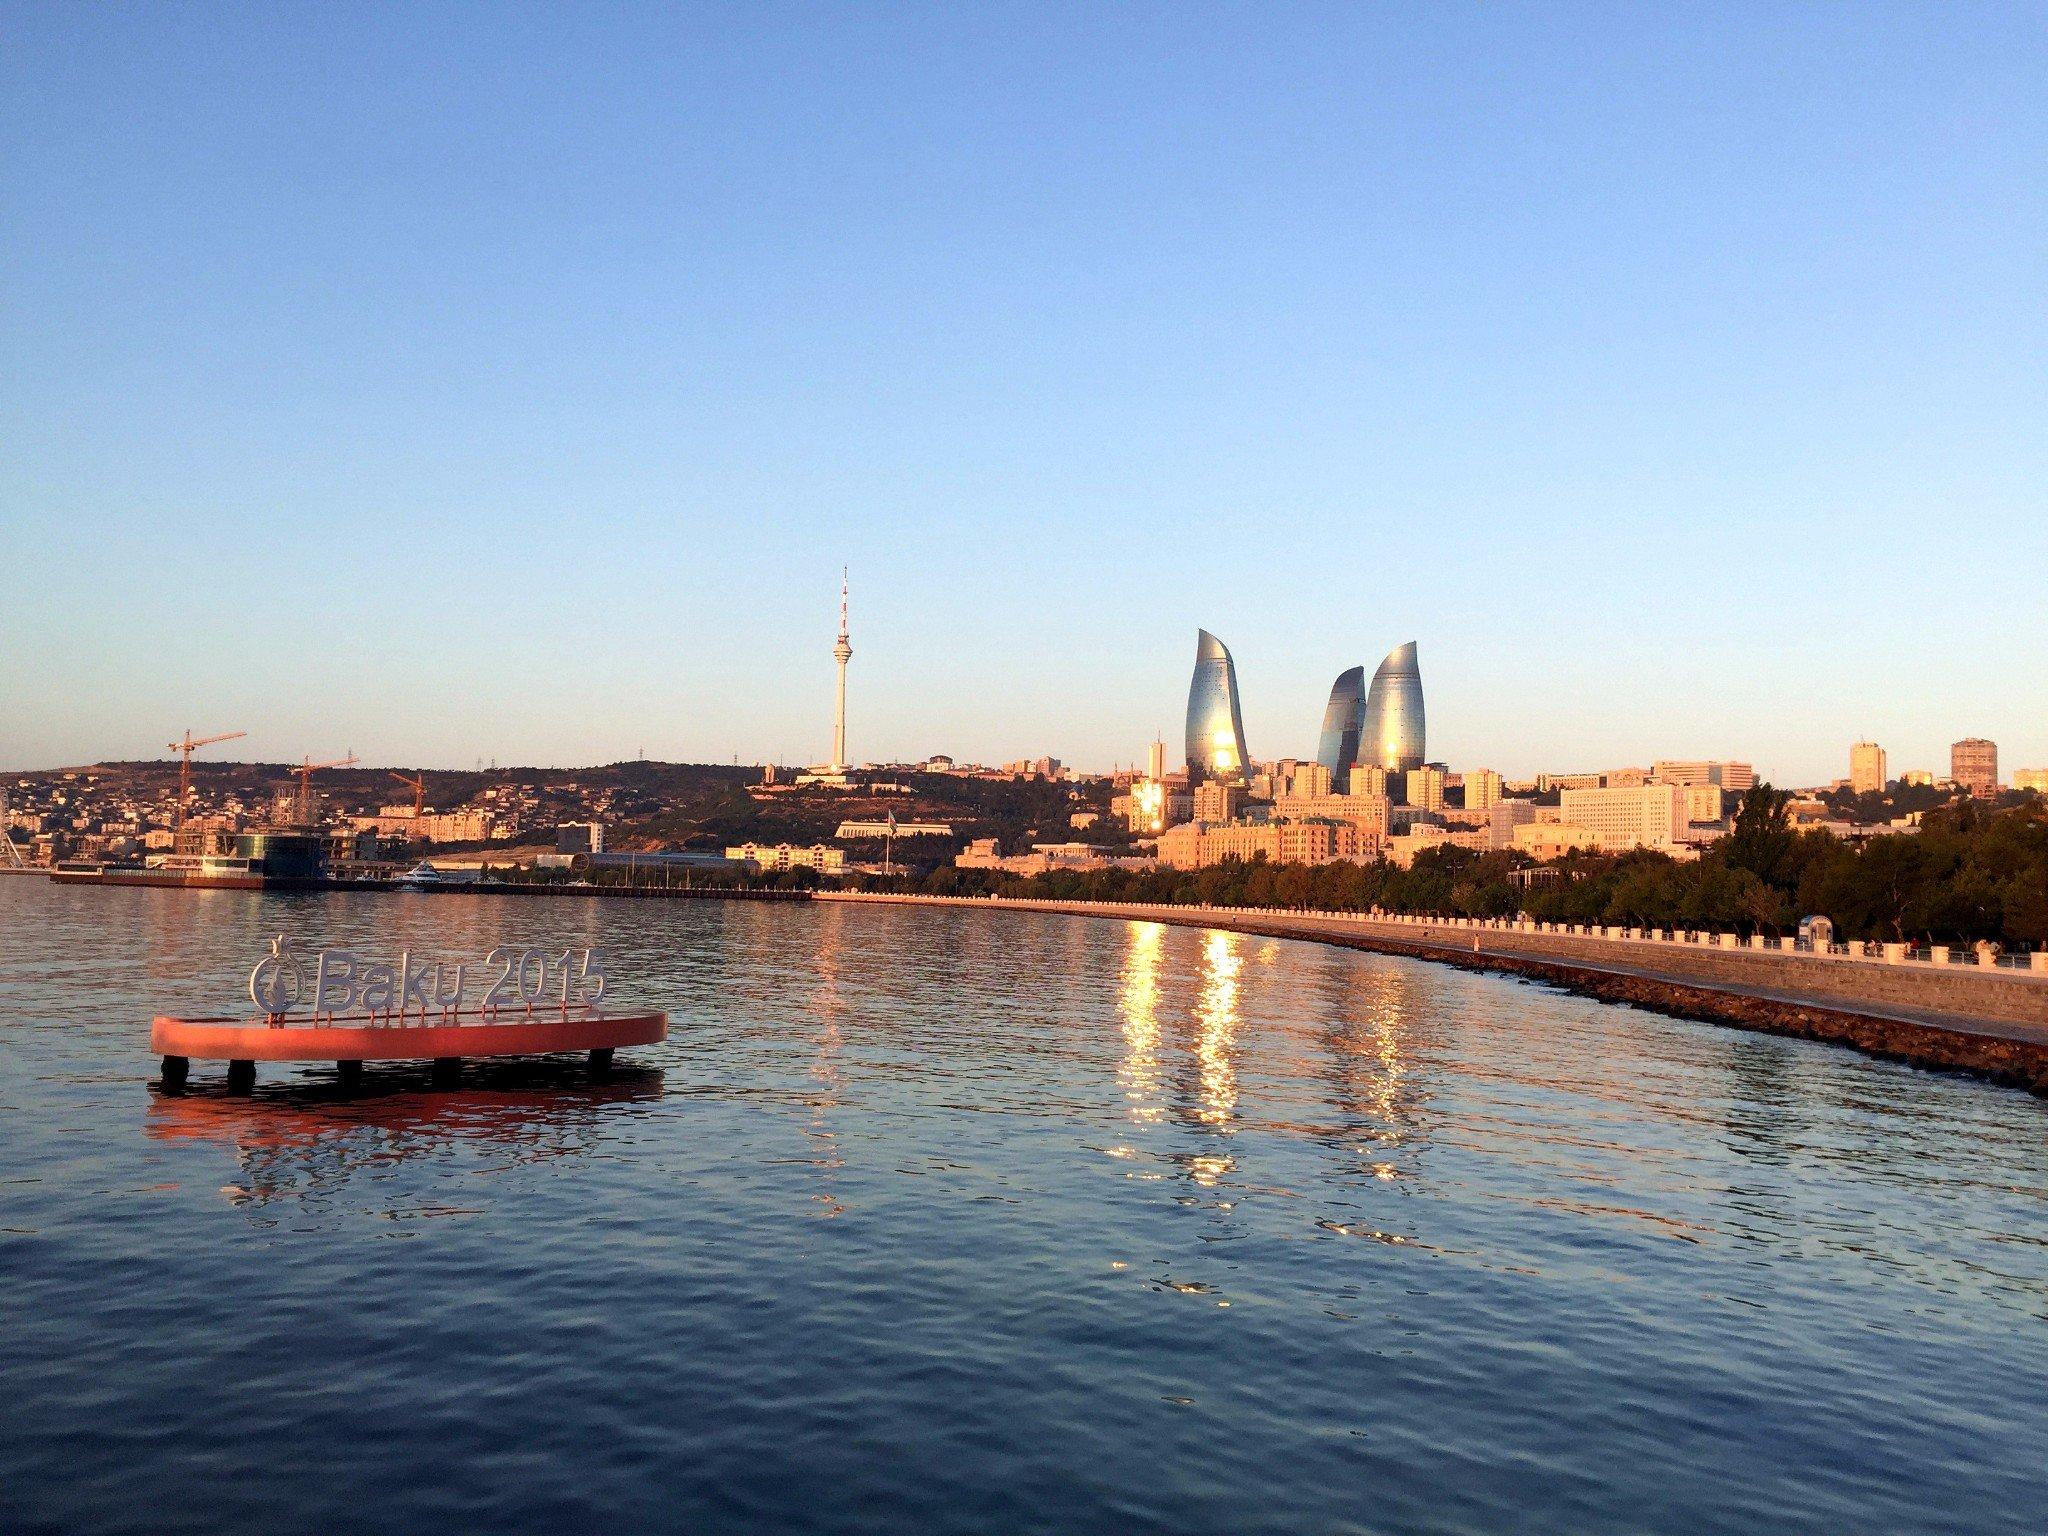 阿塞拜疆:聆听外高加索的风与火之歌